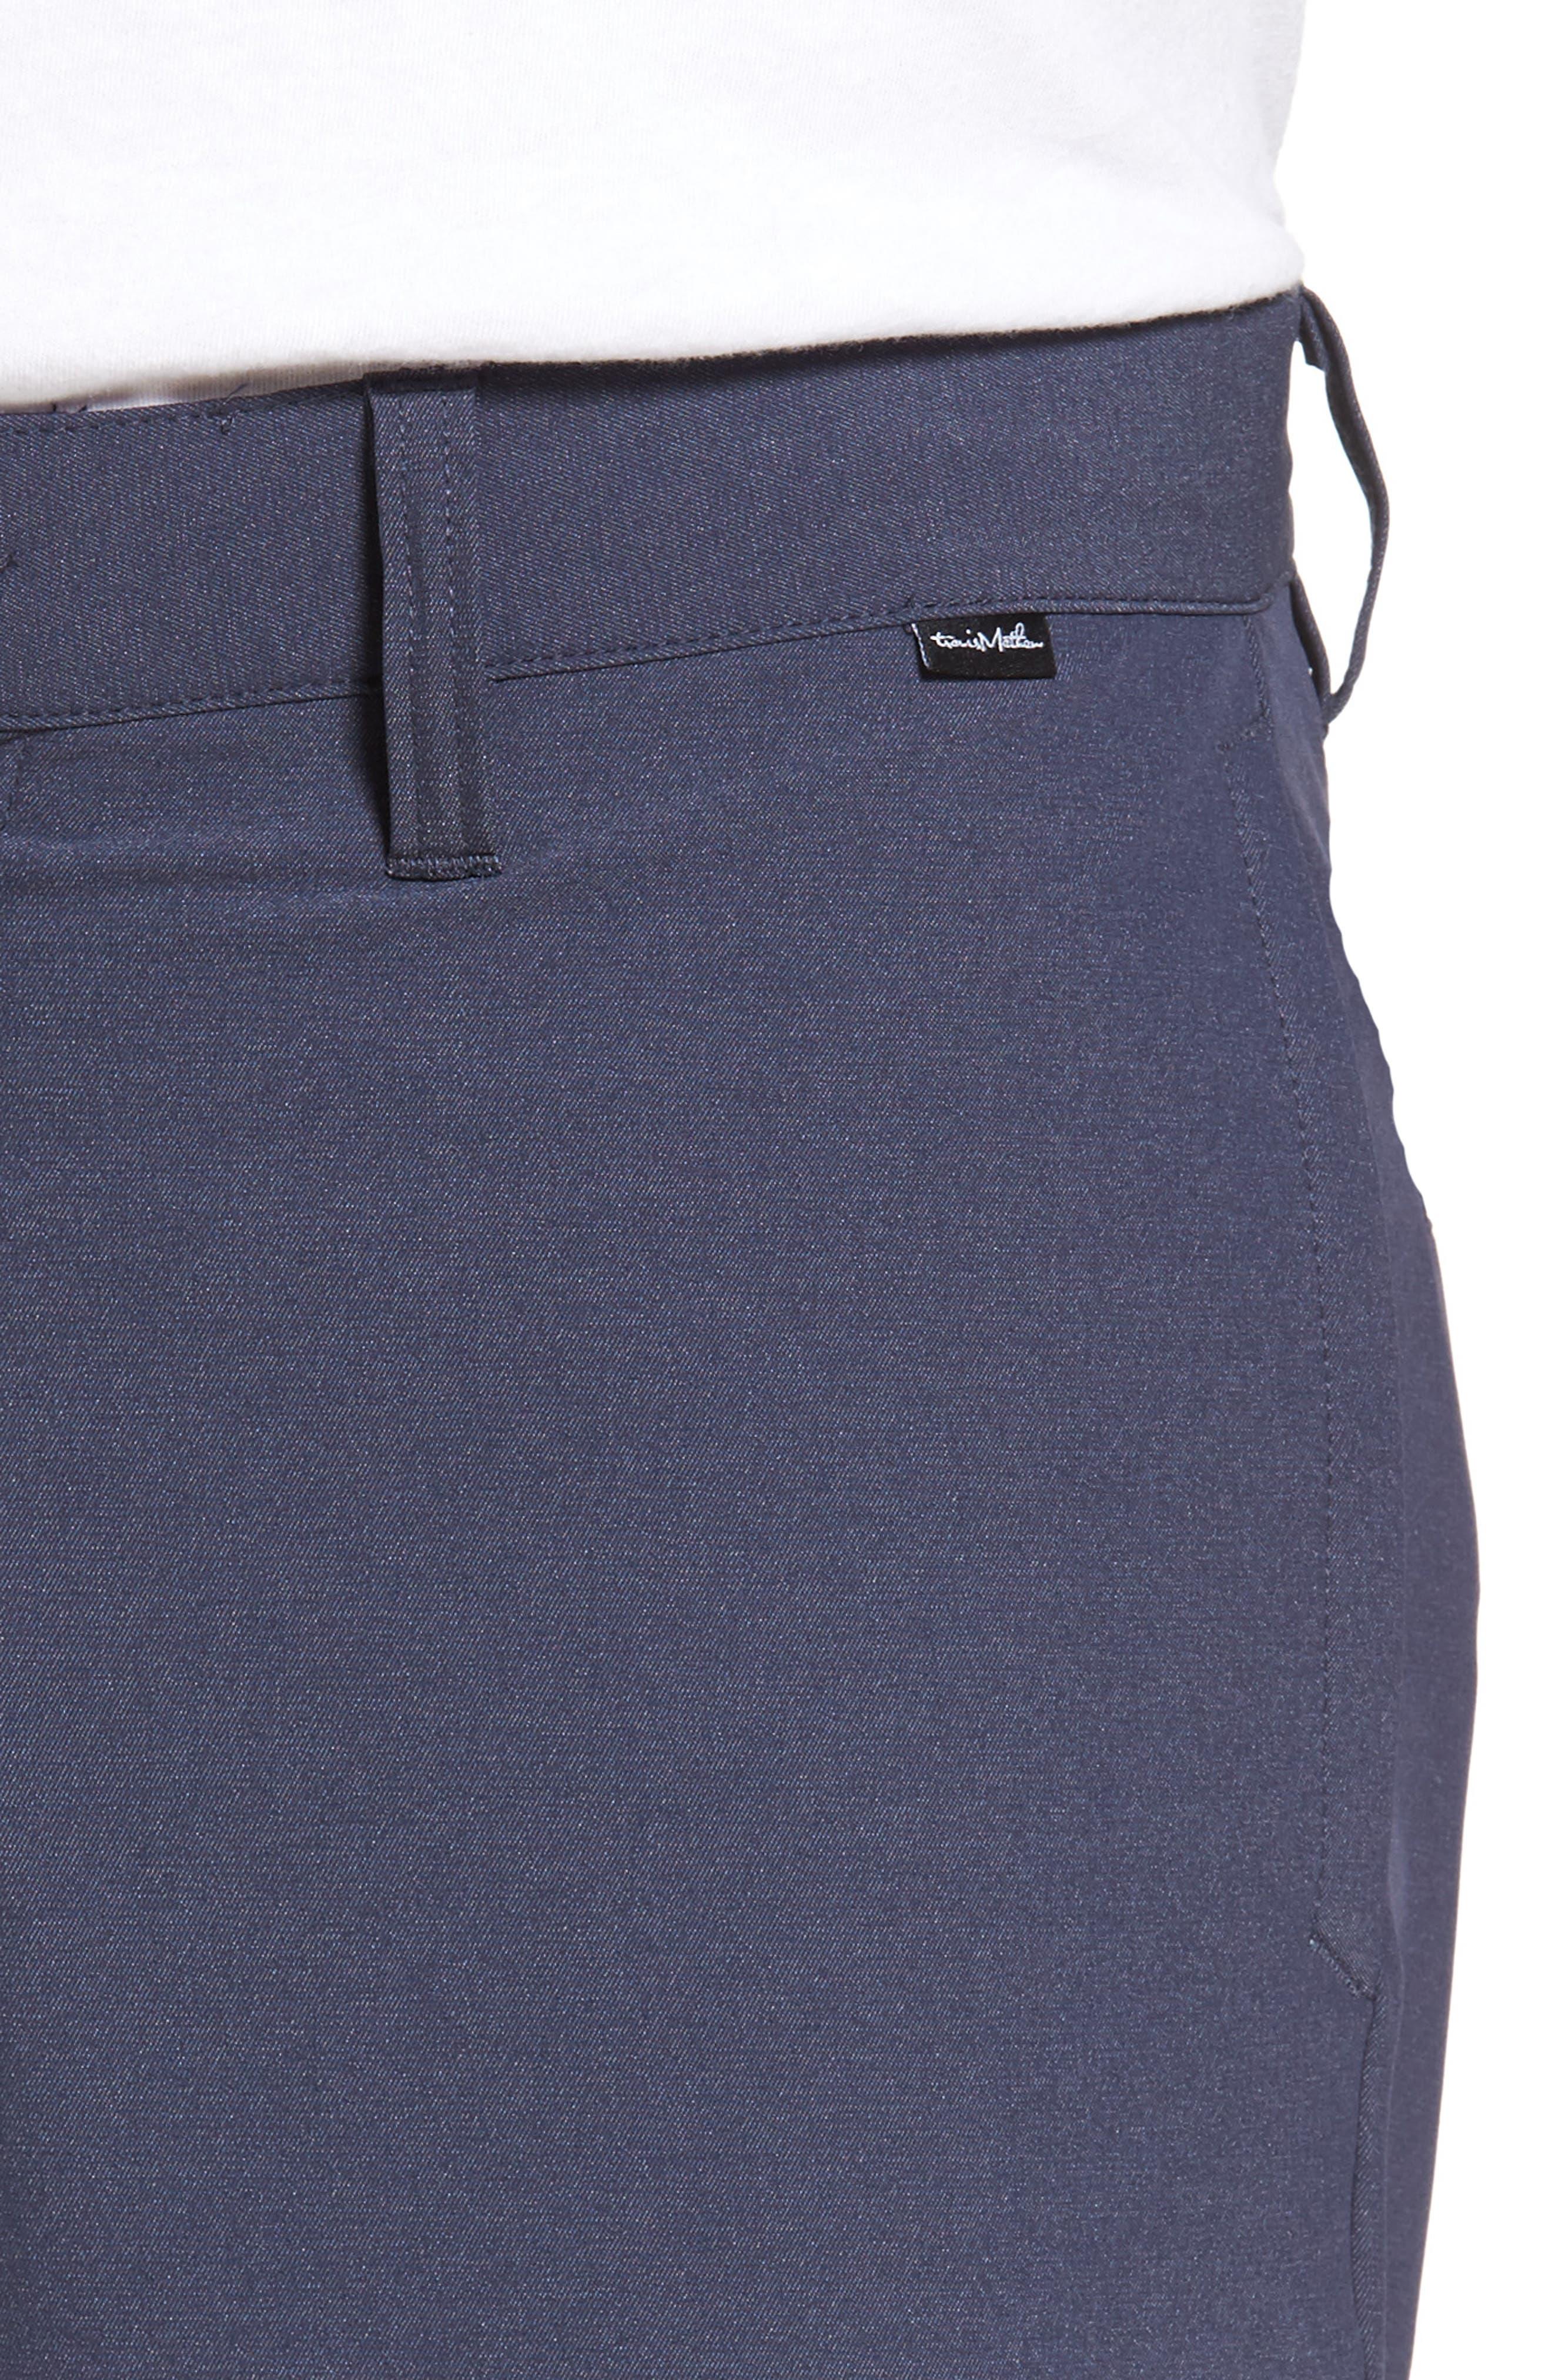 Templeton Shorts,                             Alternate thumbnail 4, color,